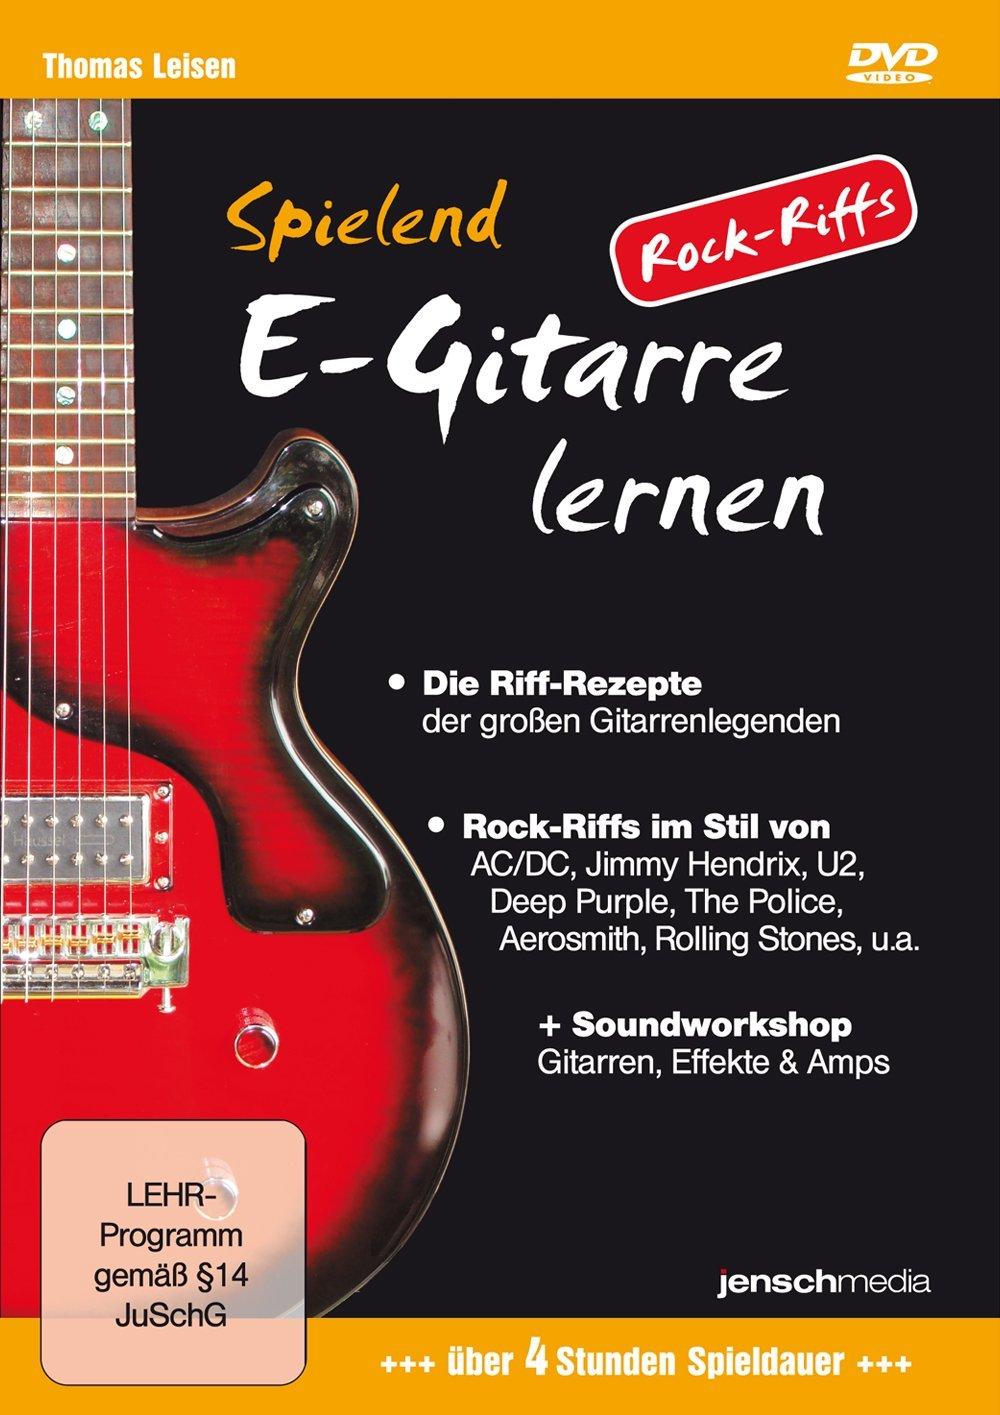 Nett Schaltpläne Für Elektrische Gitarren Fotos - Elektrische ...